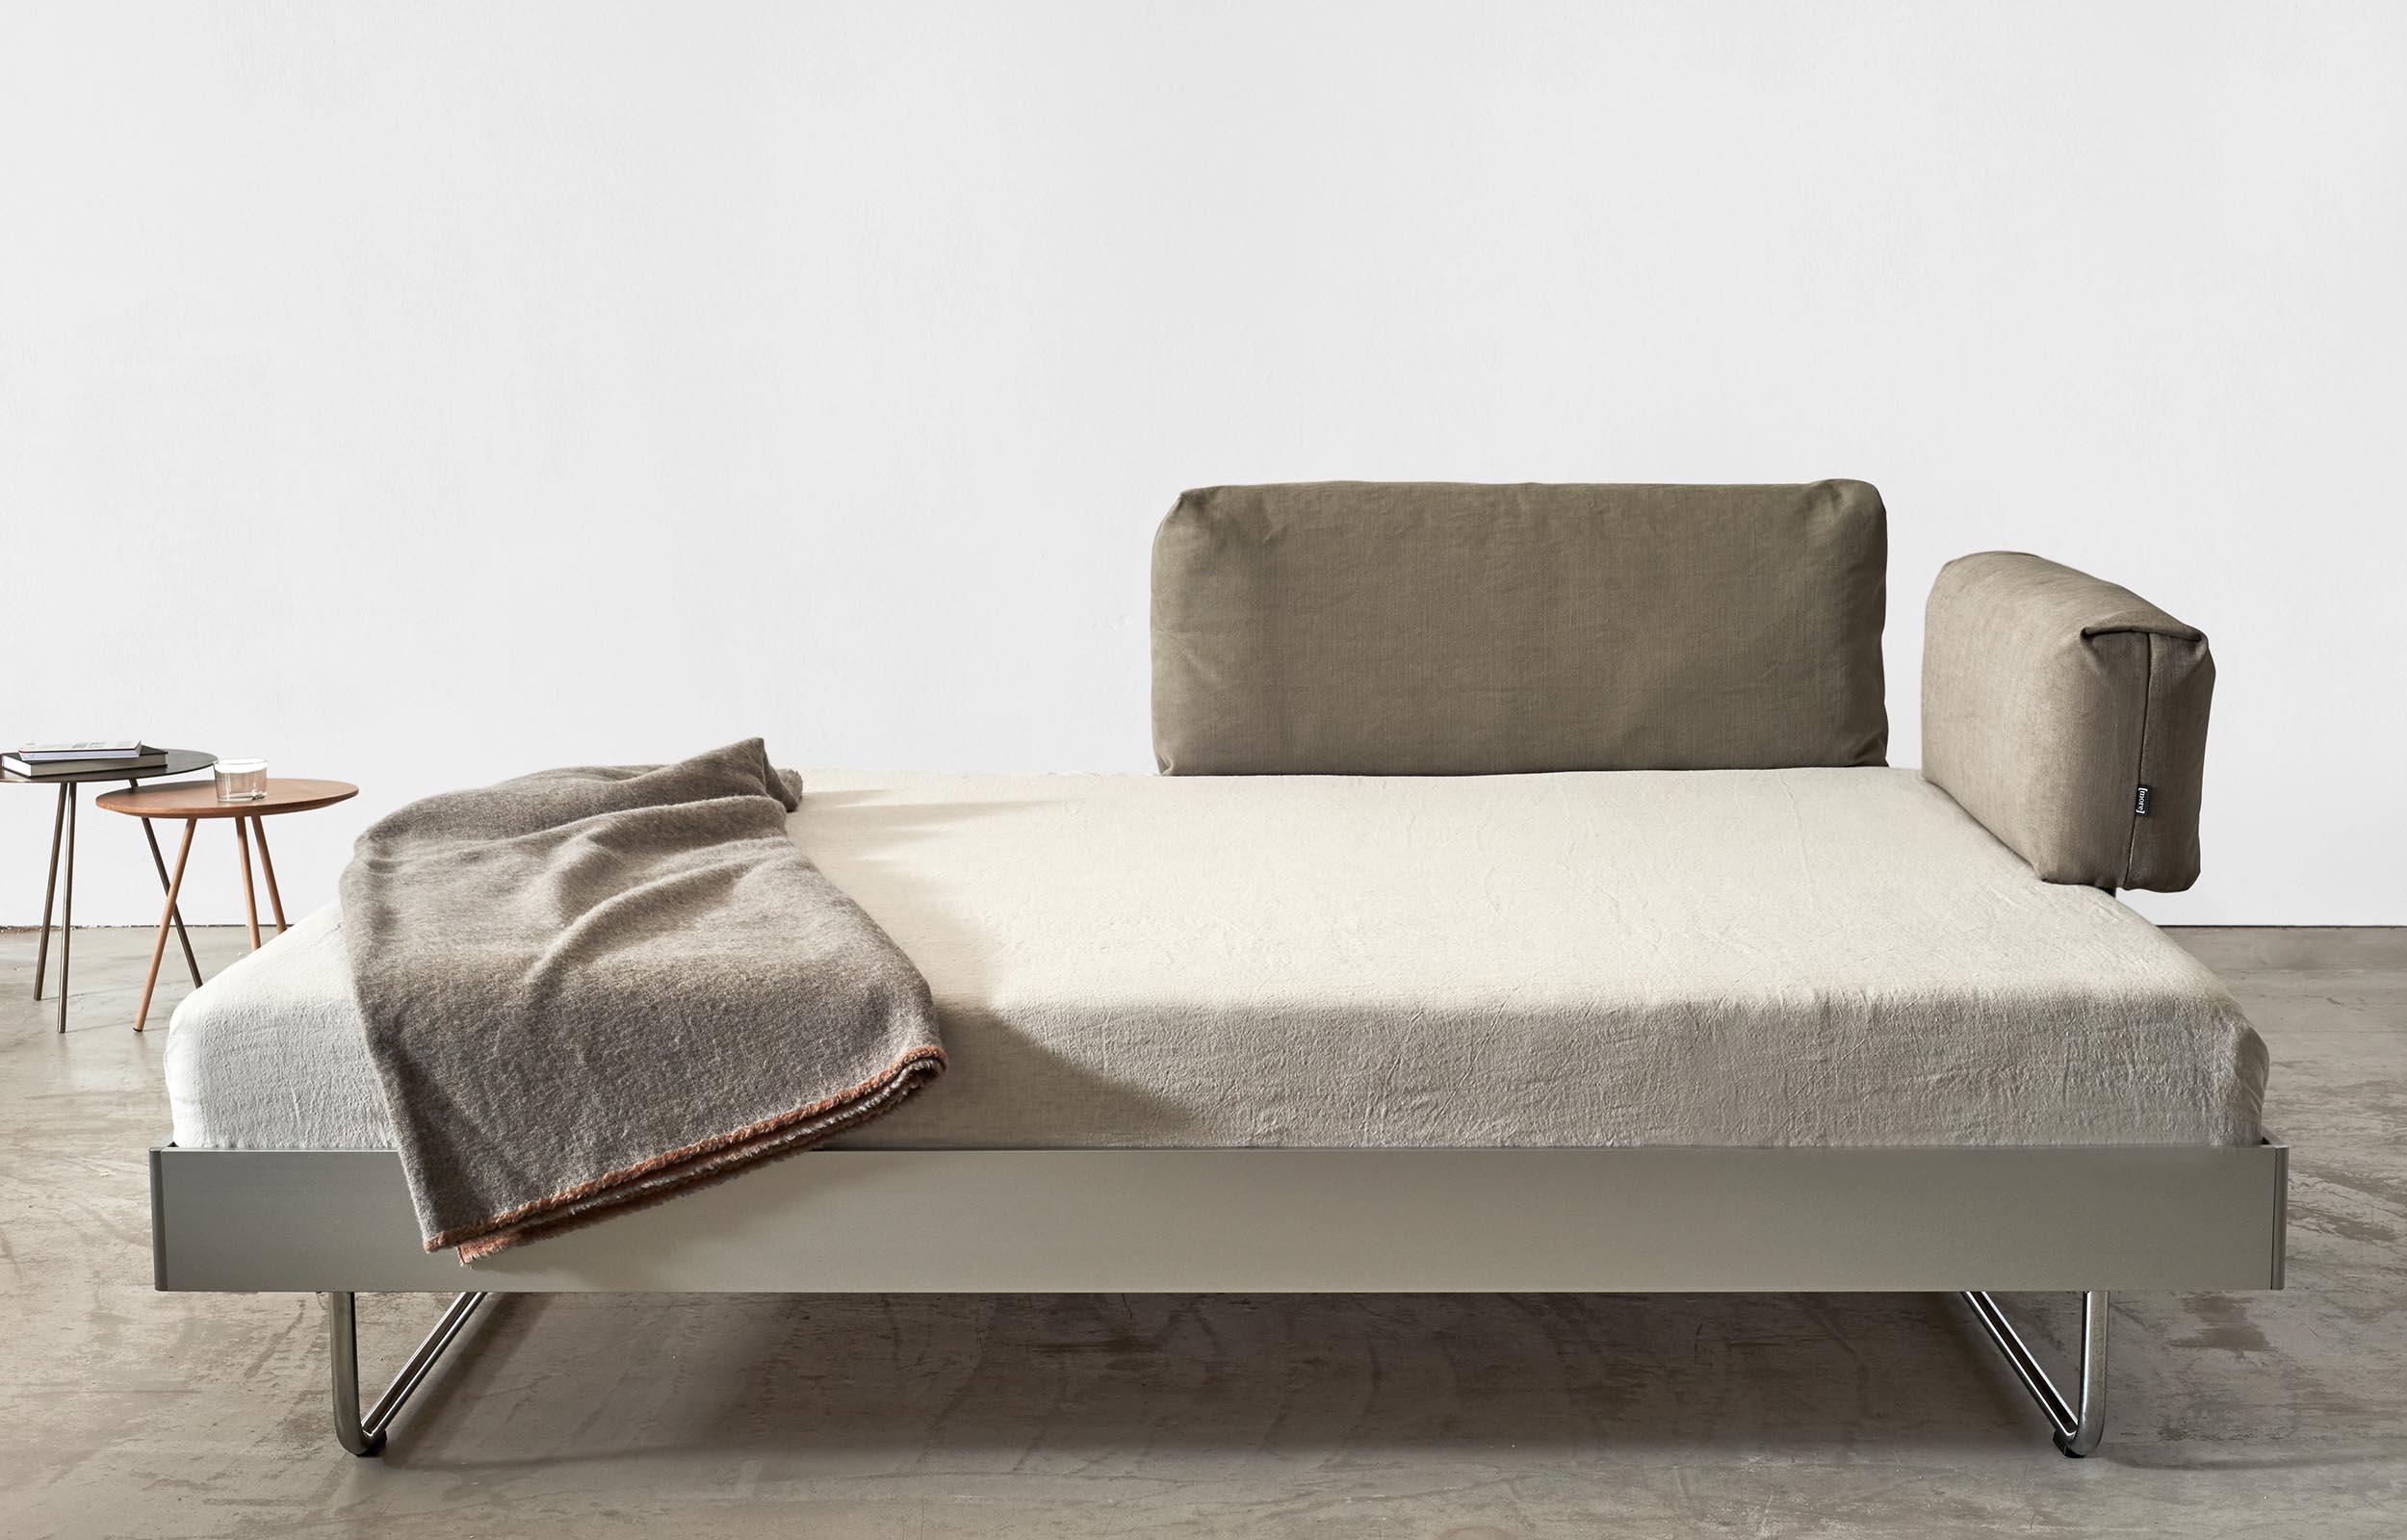 Jugendbett bilder ideen couchstyle for Sofabett jugendzimmer